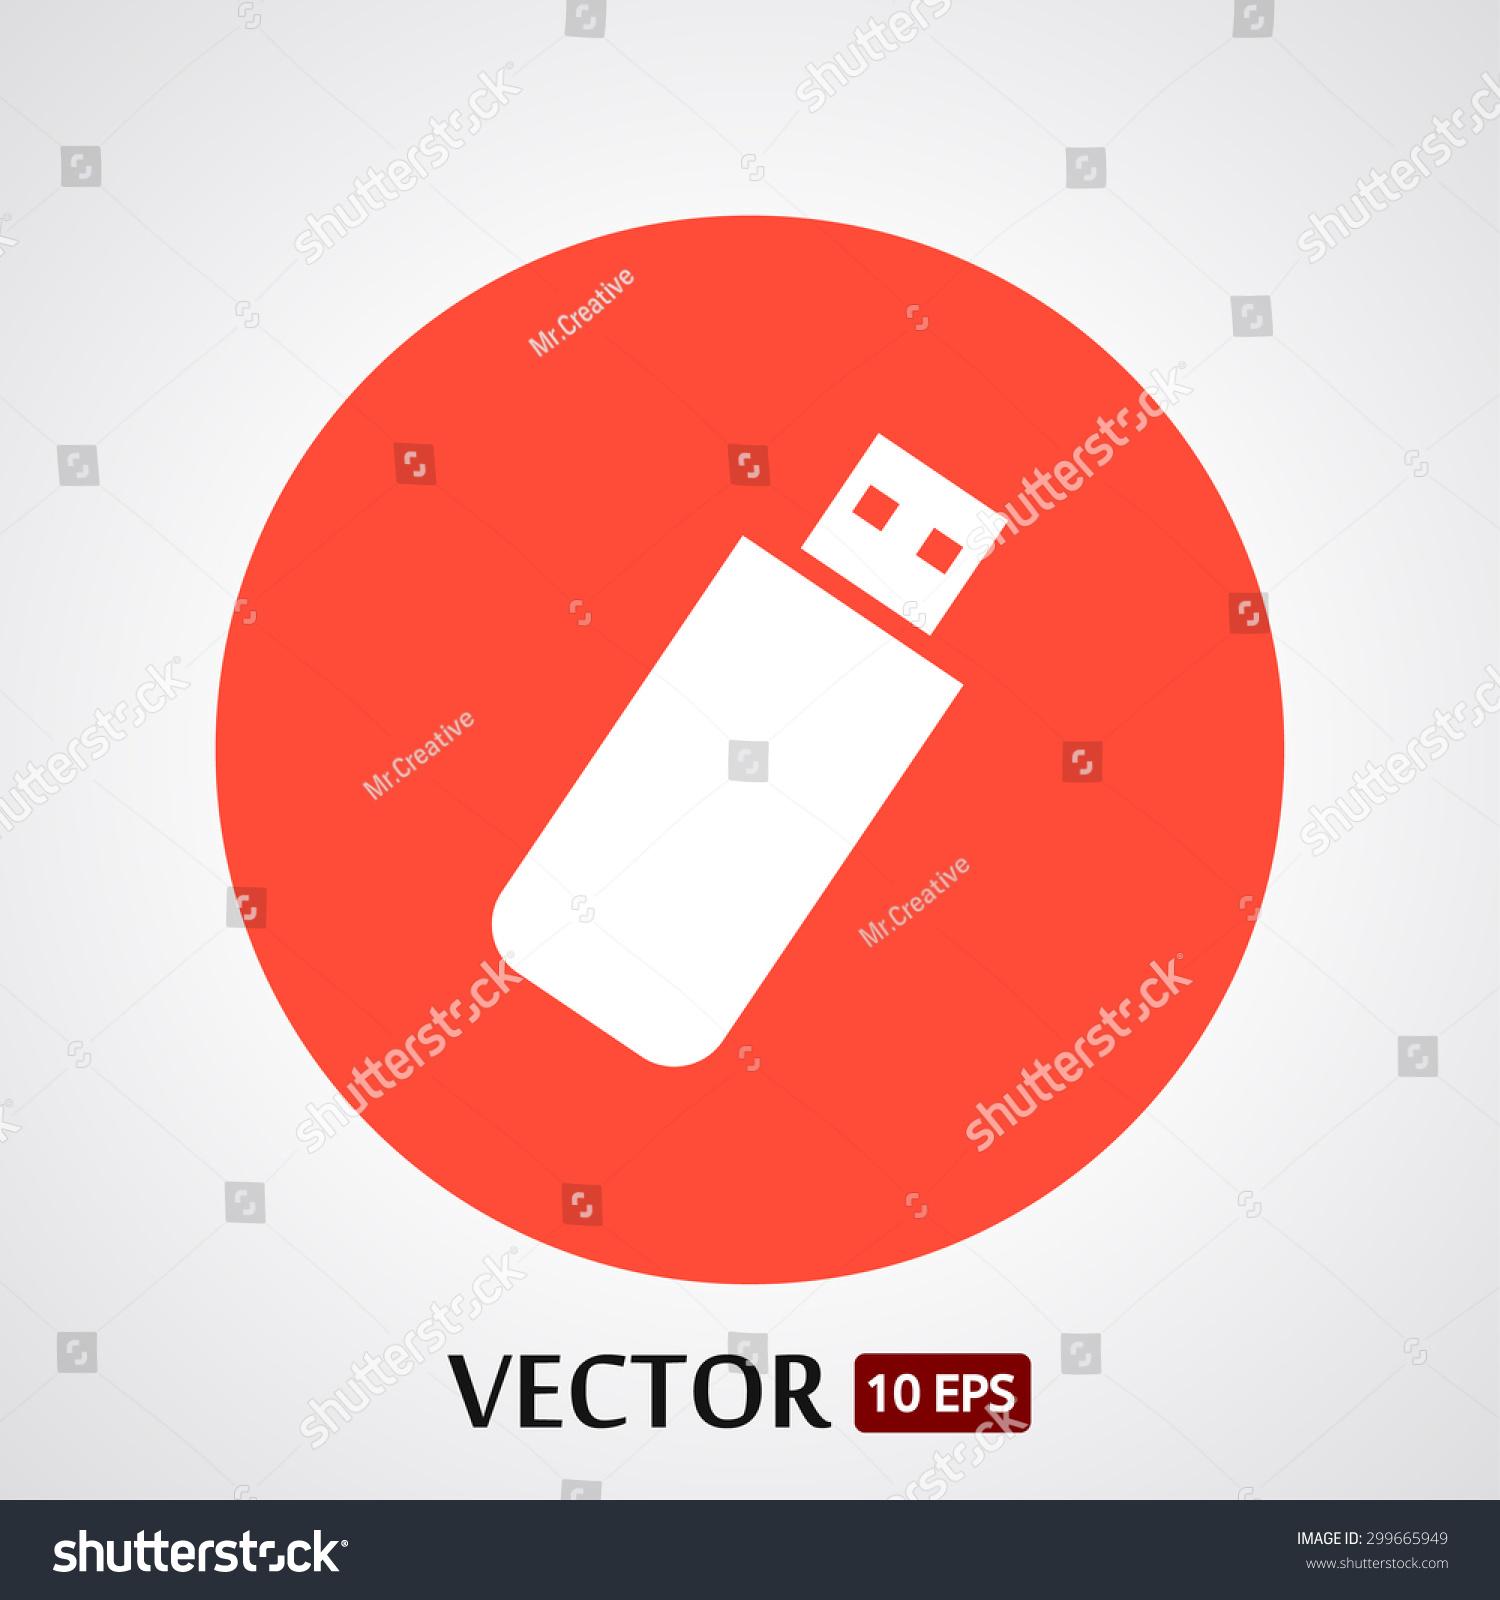 Vector Magic Convert JPG PNG images to SVG EPS AI vectors